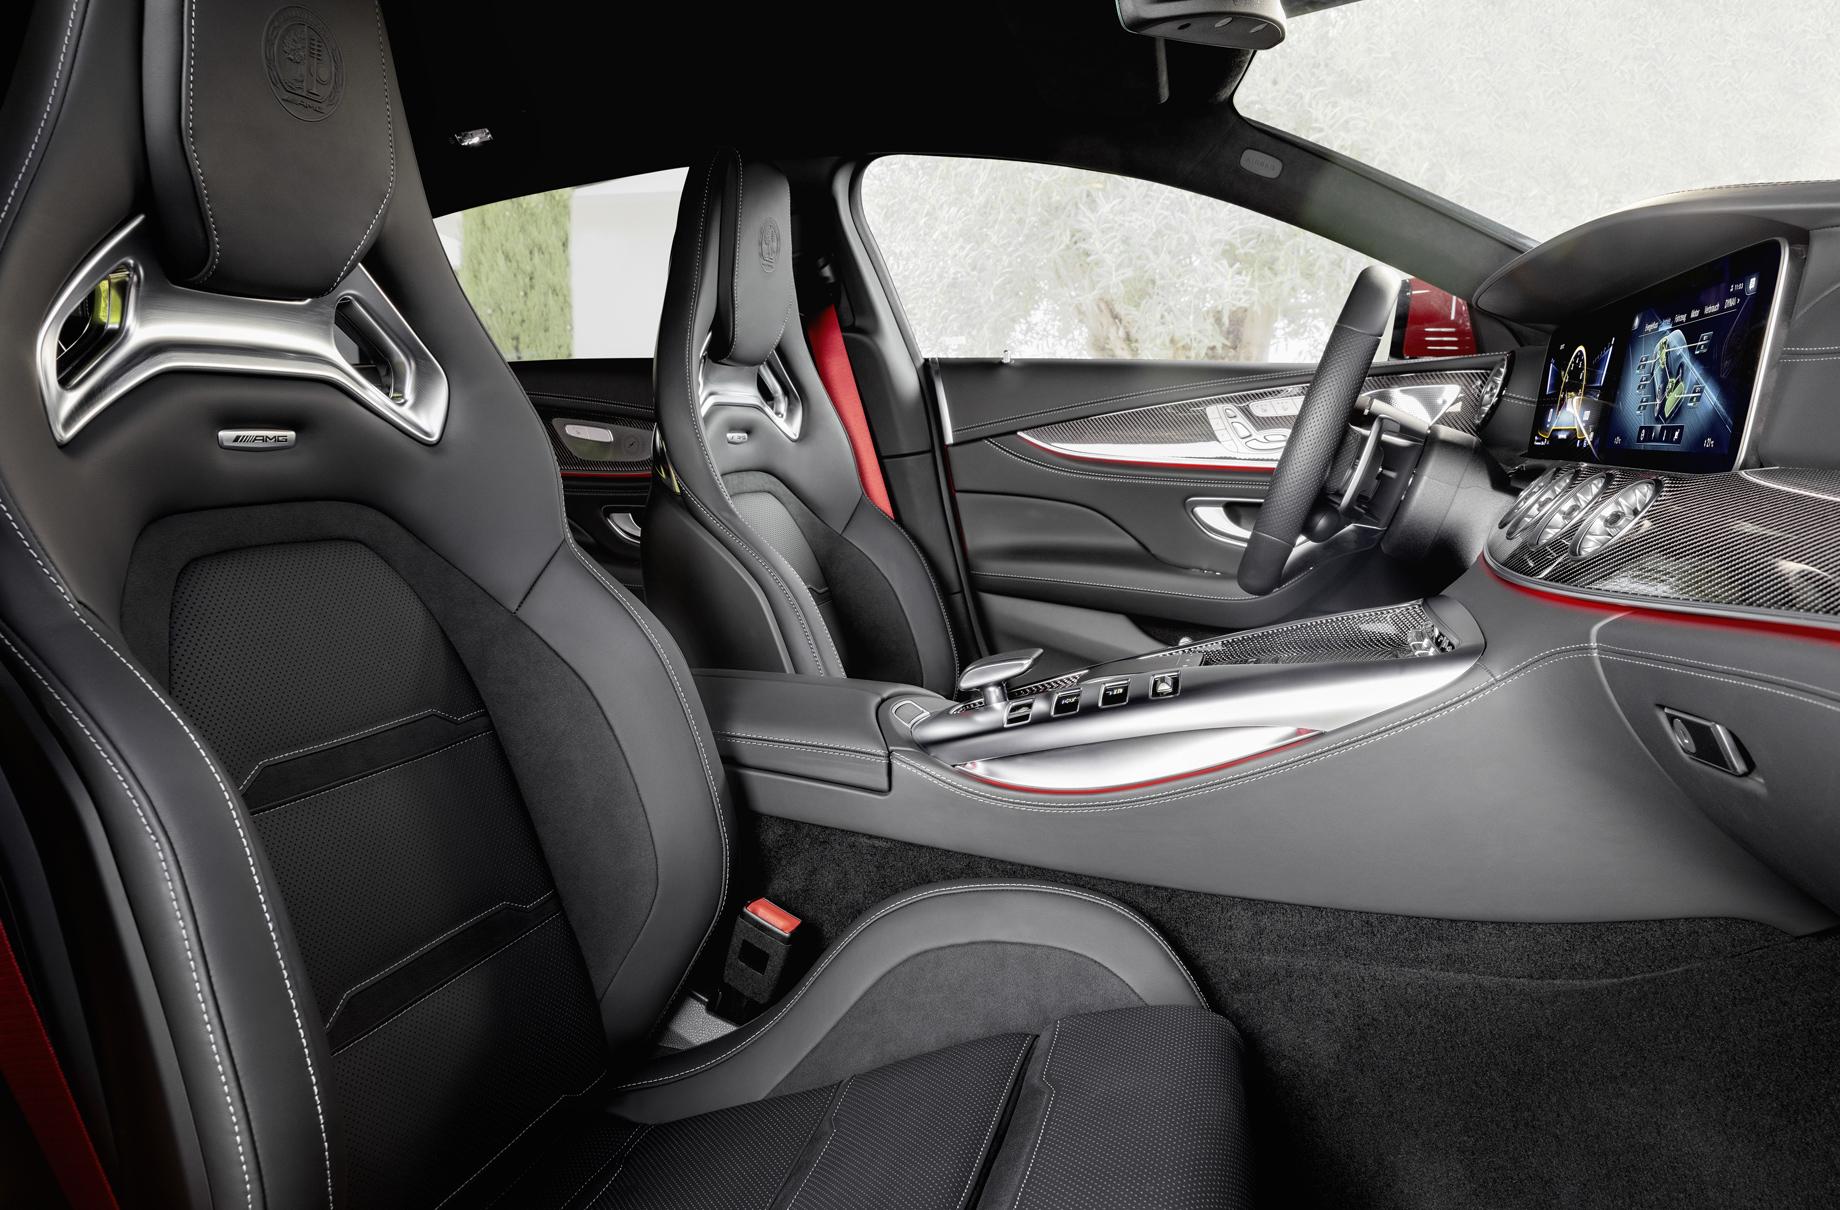 Mercedes-AMG GT 63 S E Performance виявився потужнішим очікуваного